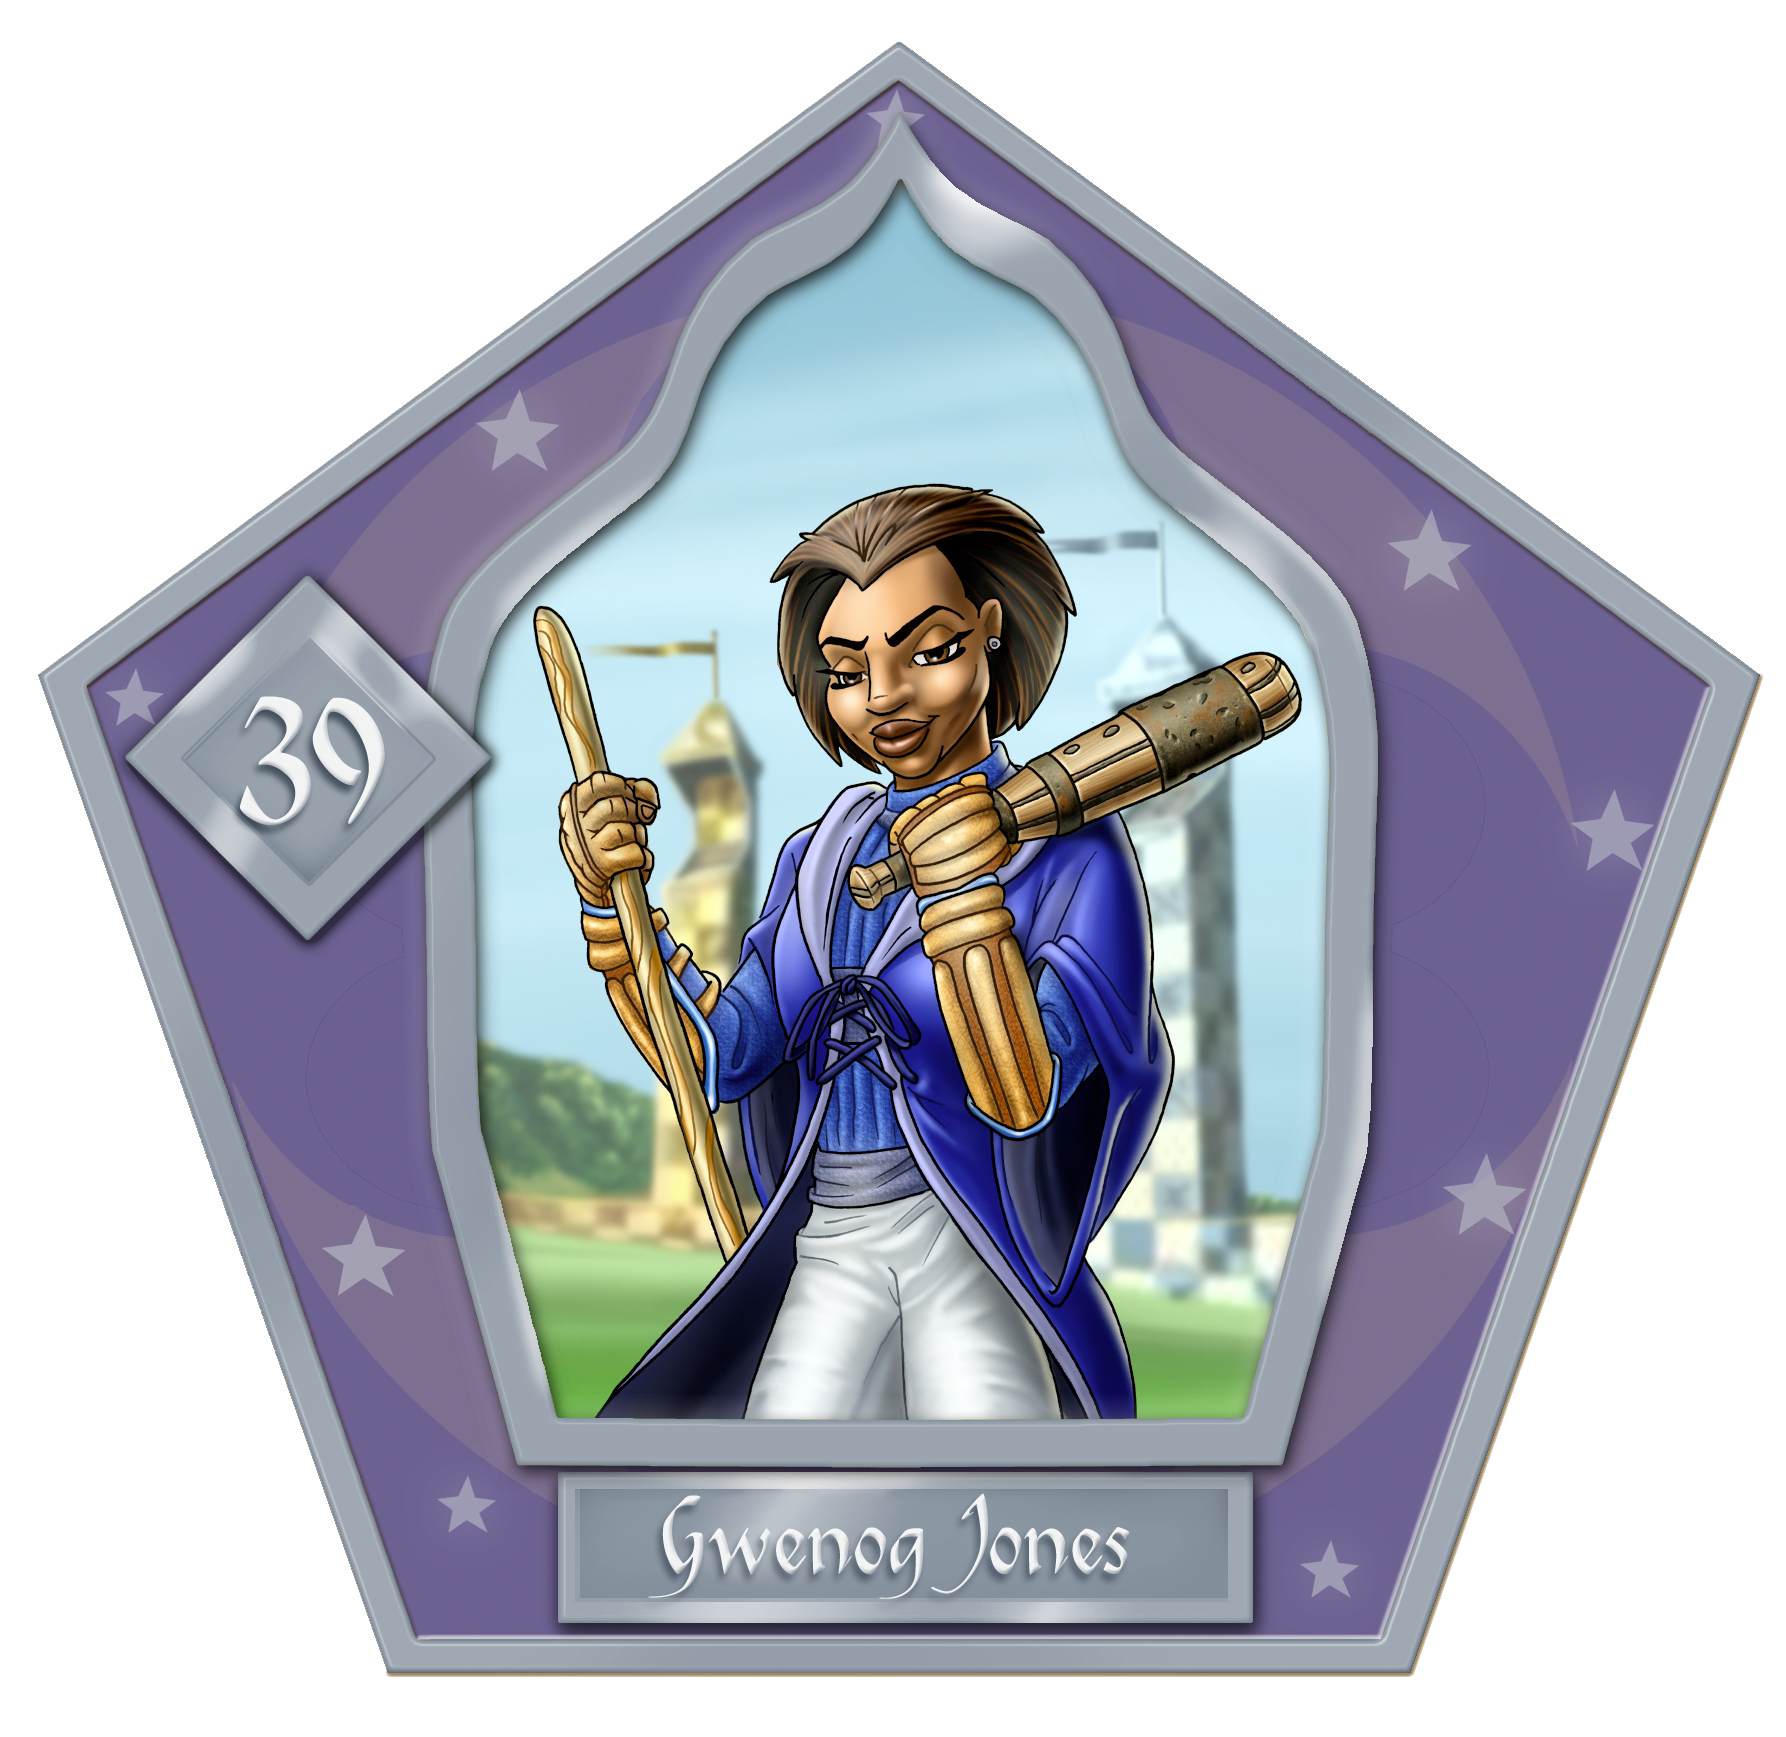 Gwenog Jones-39-chocFrogCard